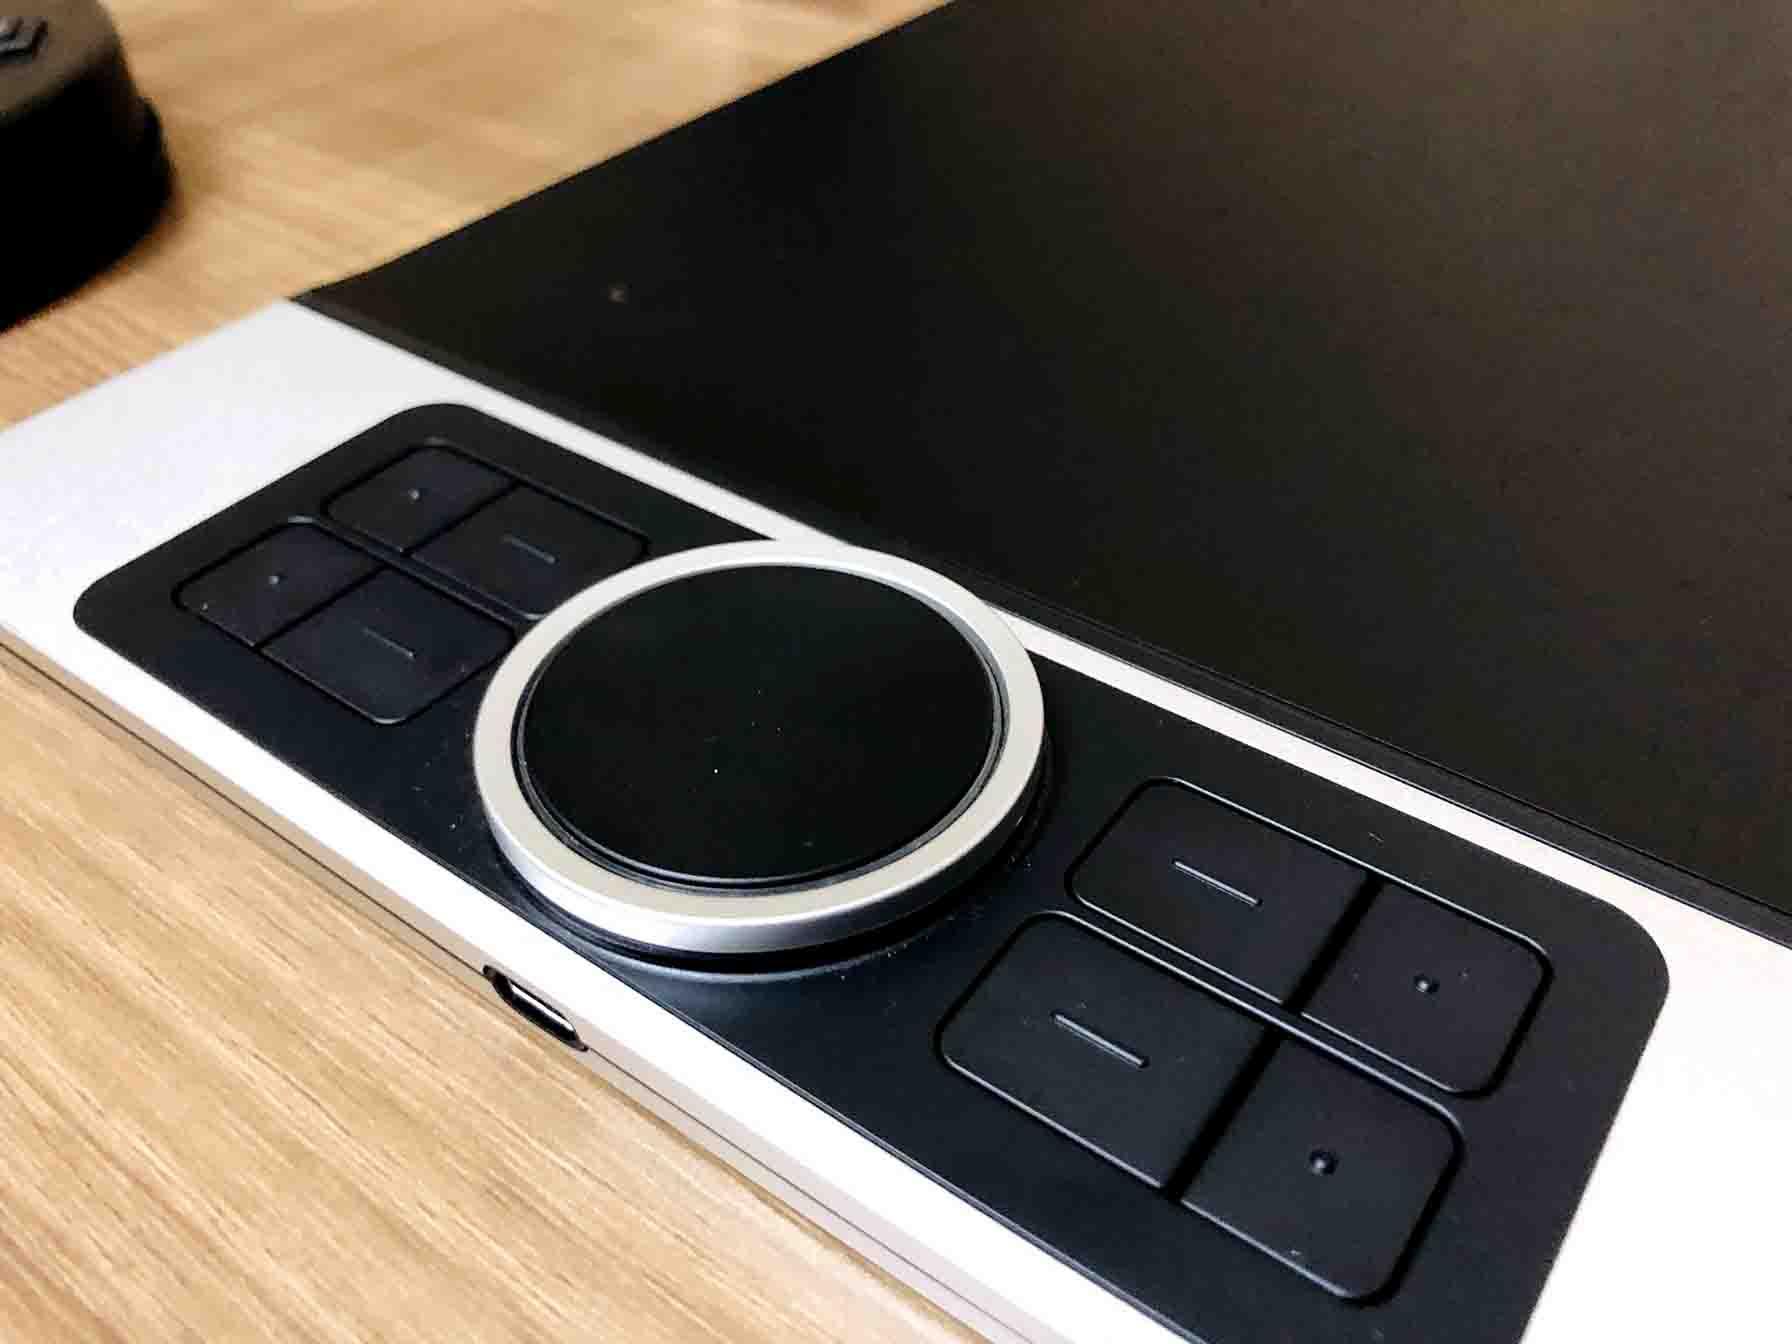 Je teste 2 Tablettes graphiques XP-PEN : cas d'usage dans mon métier d'architecte